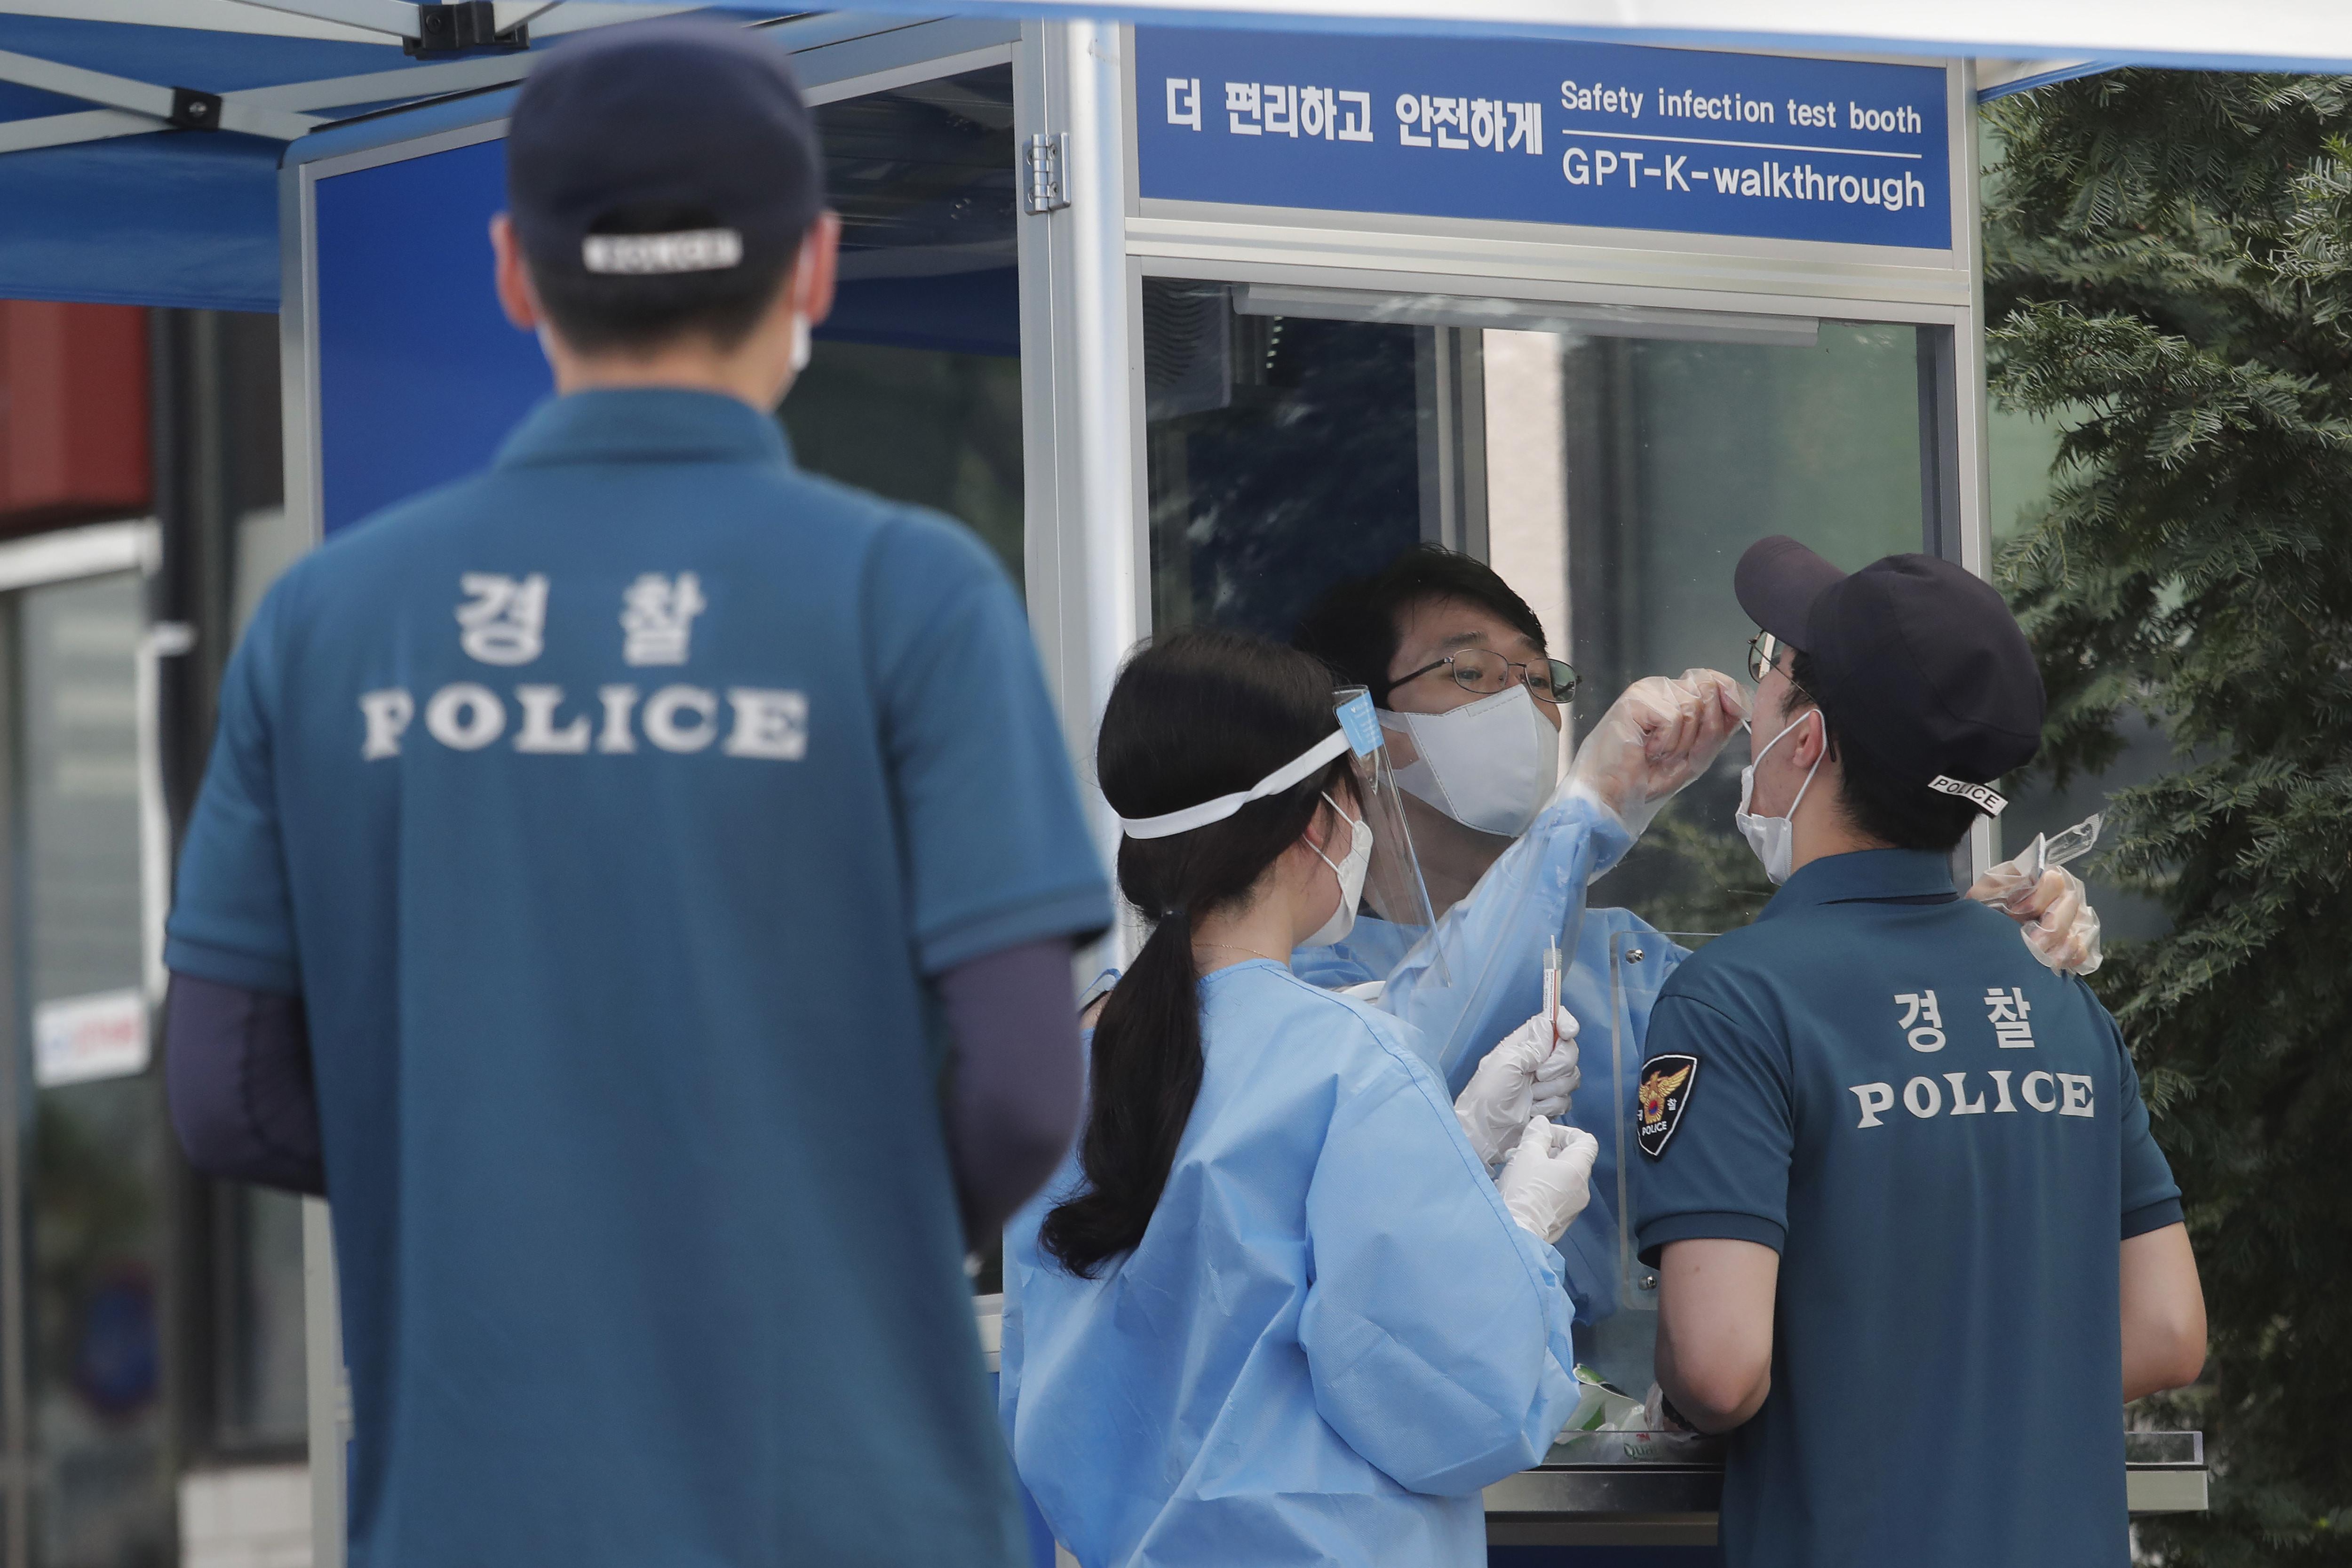 ▲▼醫護人員正為首爾市警察人員採樣篩檢。(圖/達志影像/美聯社)